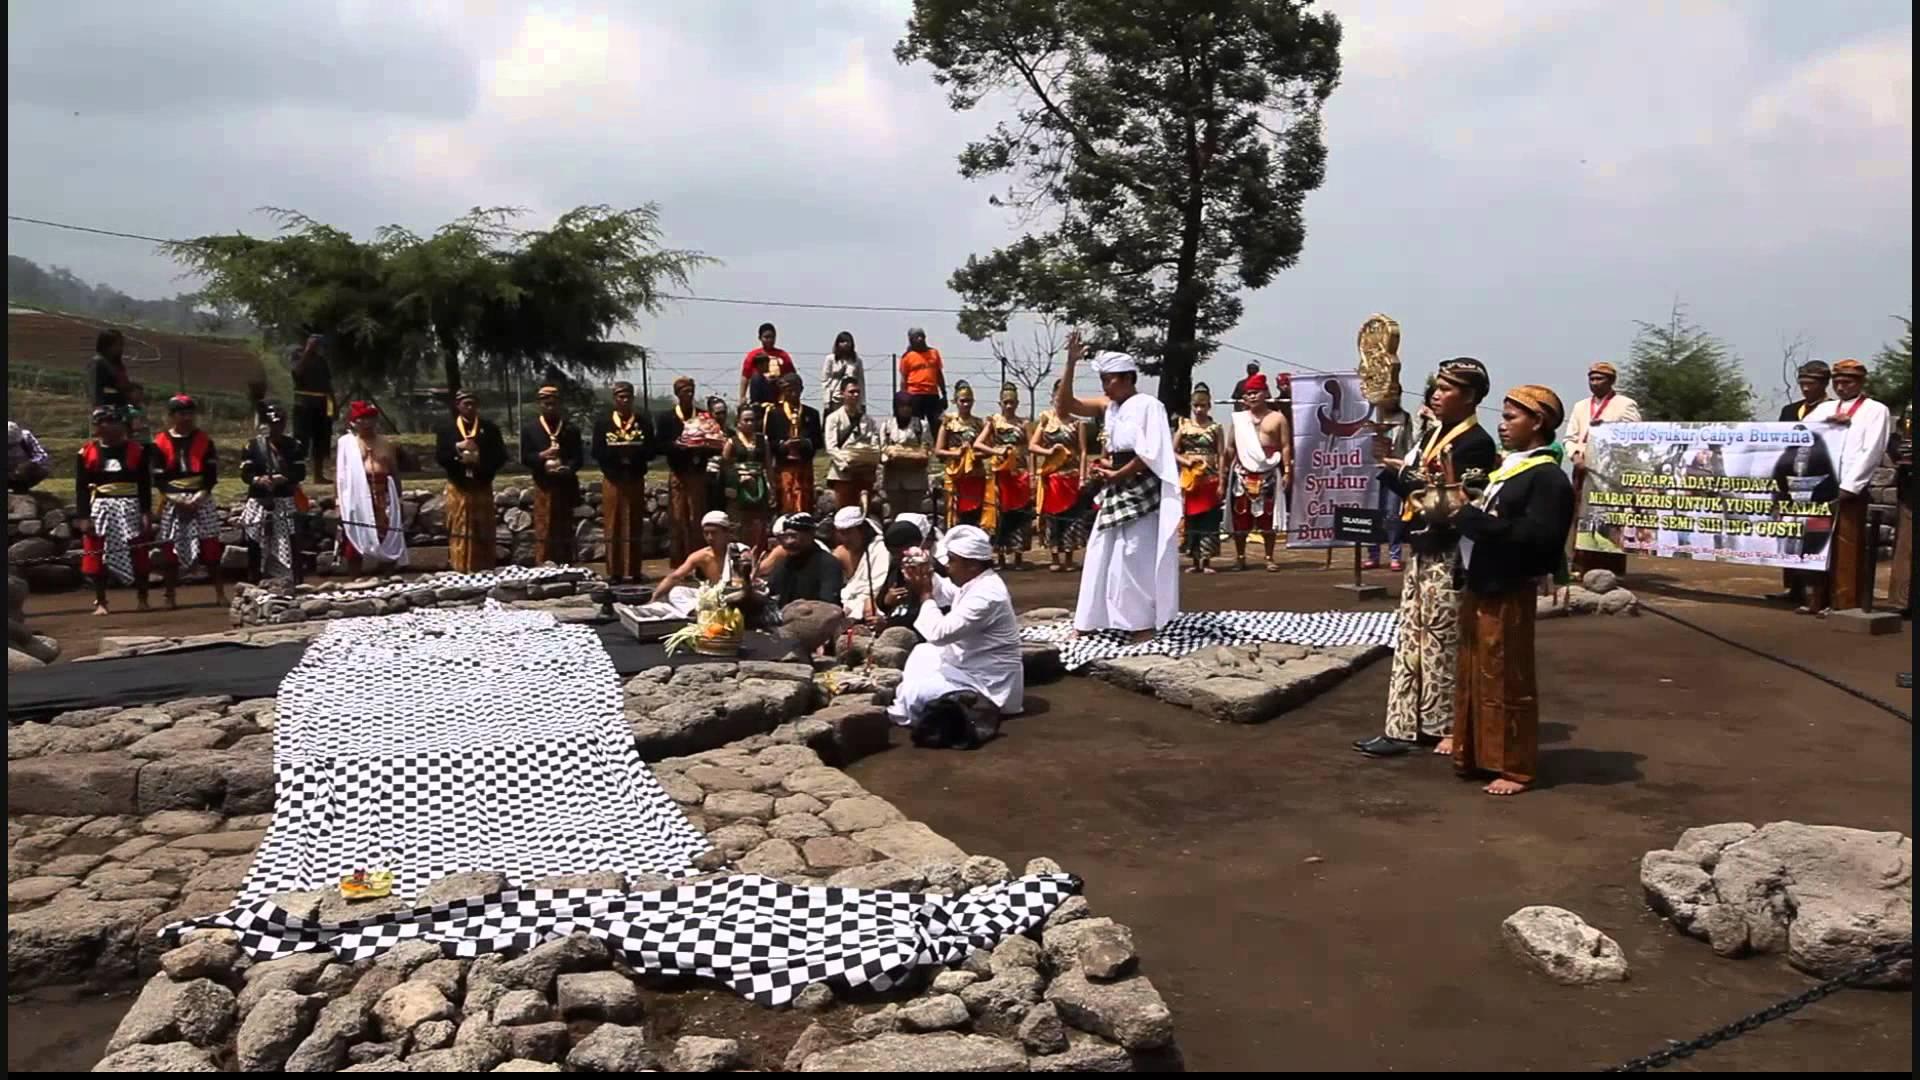 Acara Mbeber Keris Jusuf Kalla Candi Cetho Karanganyar Surakarta Part